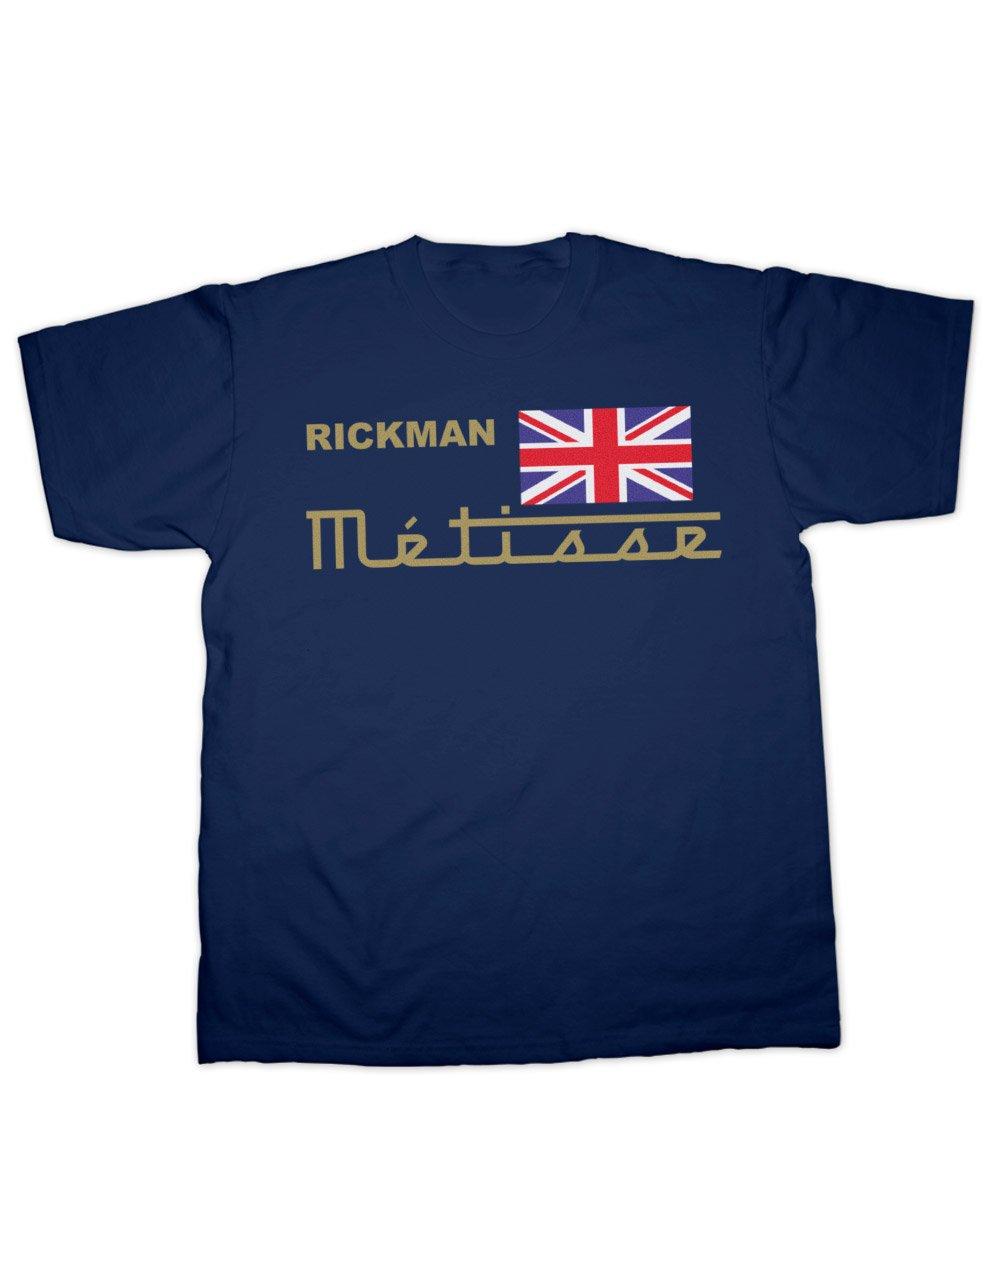 Hotfuel Rickman Métisse Motorcycle T Shirt. All Sizes